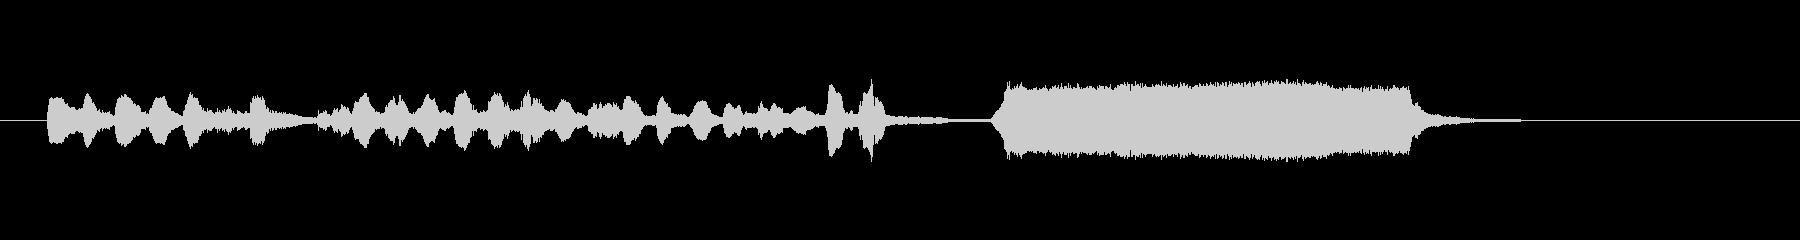 笛の音を使った癒し系ジングルですの未再生の波形